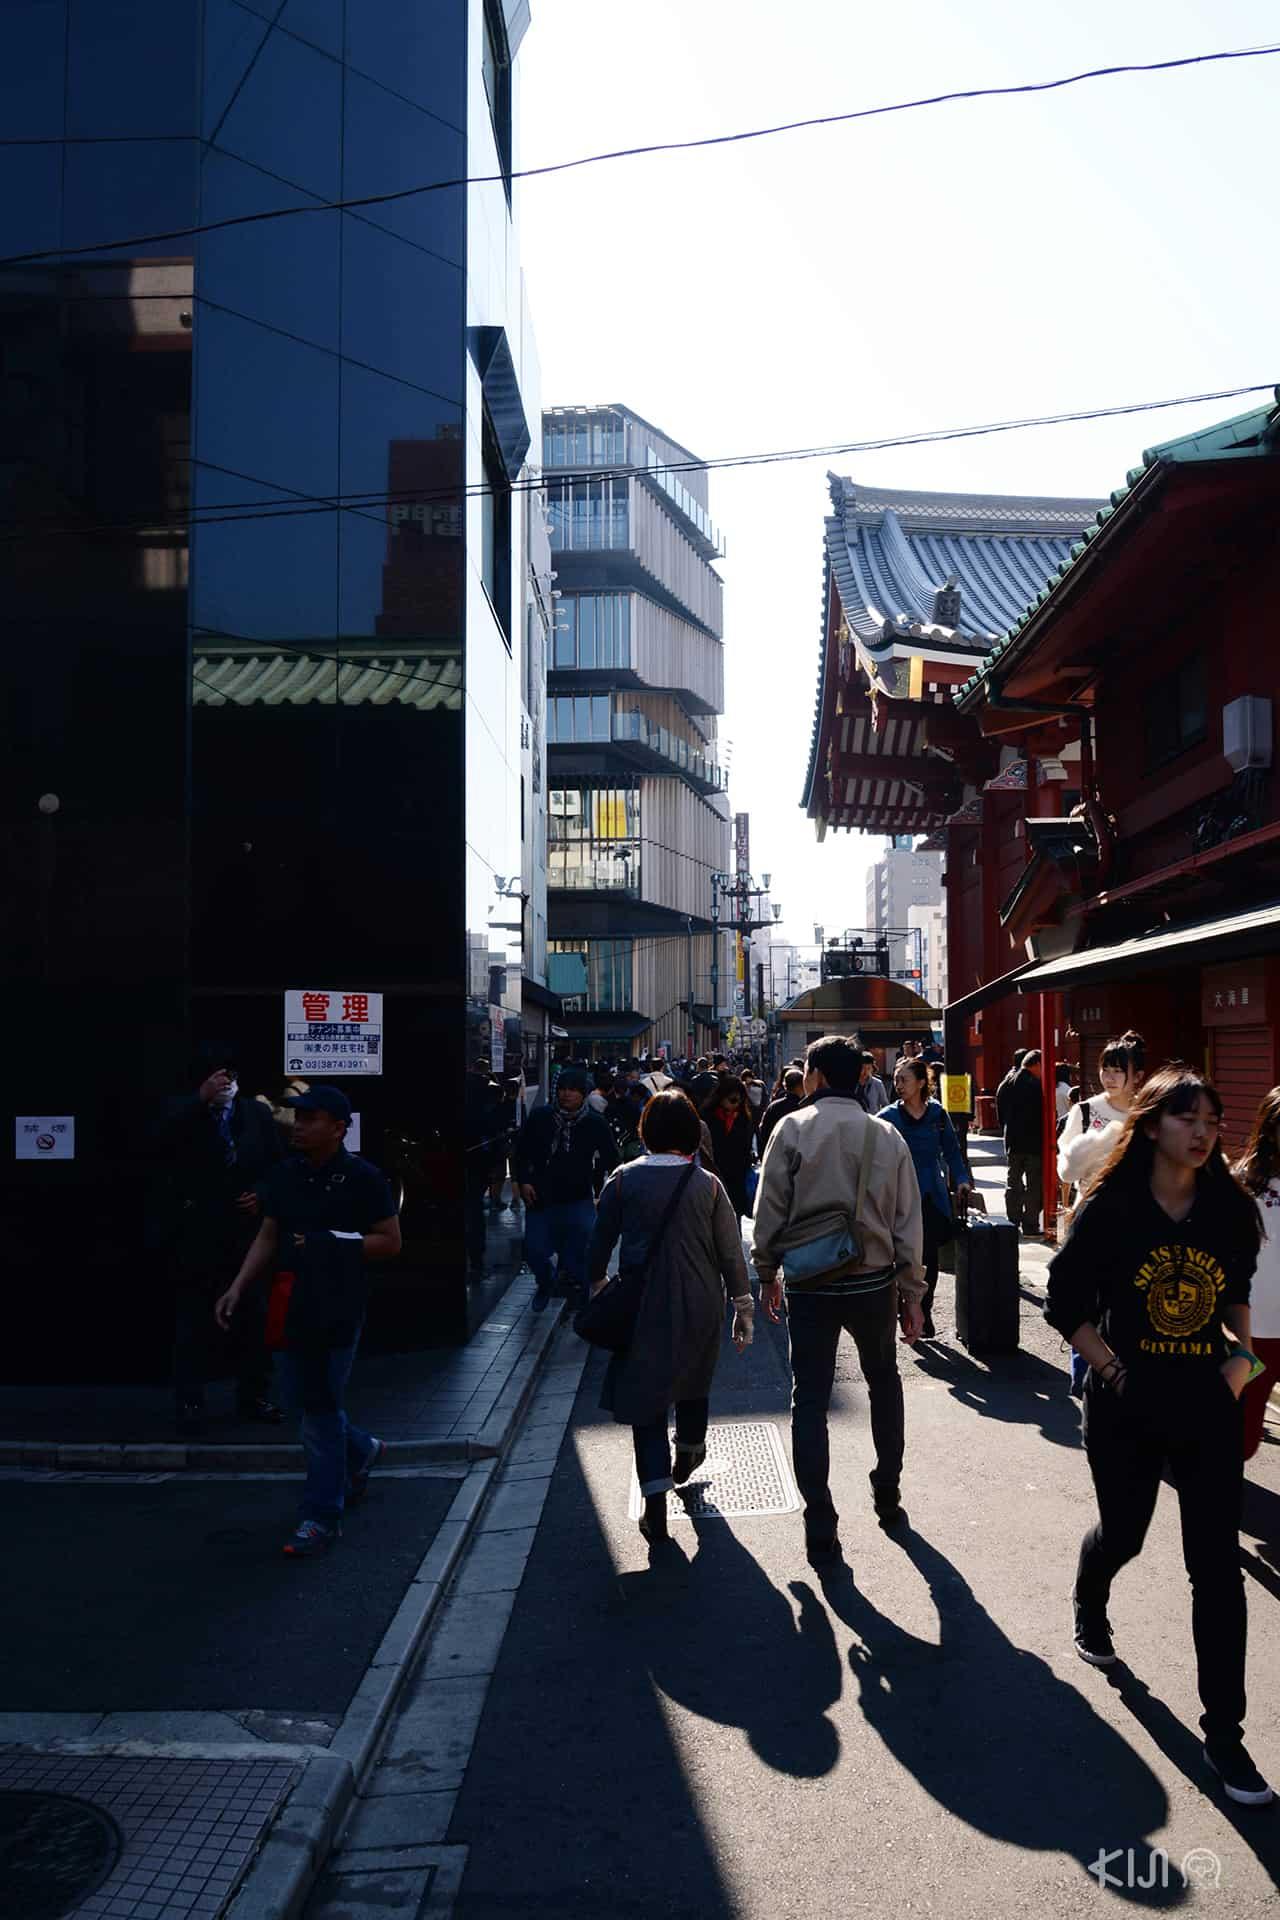 ย่านอาซากุสะในโตเกียว